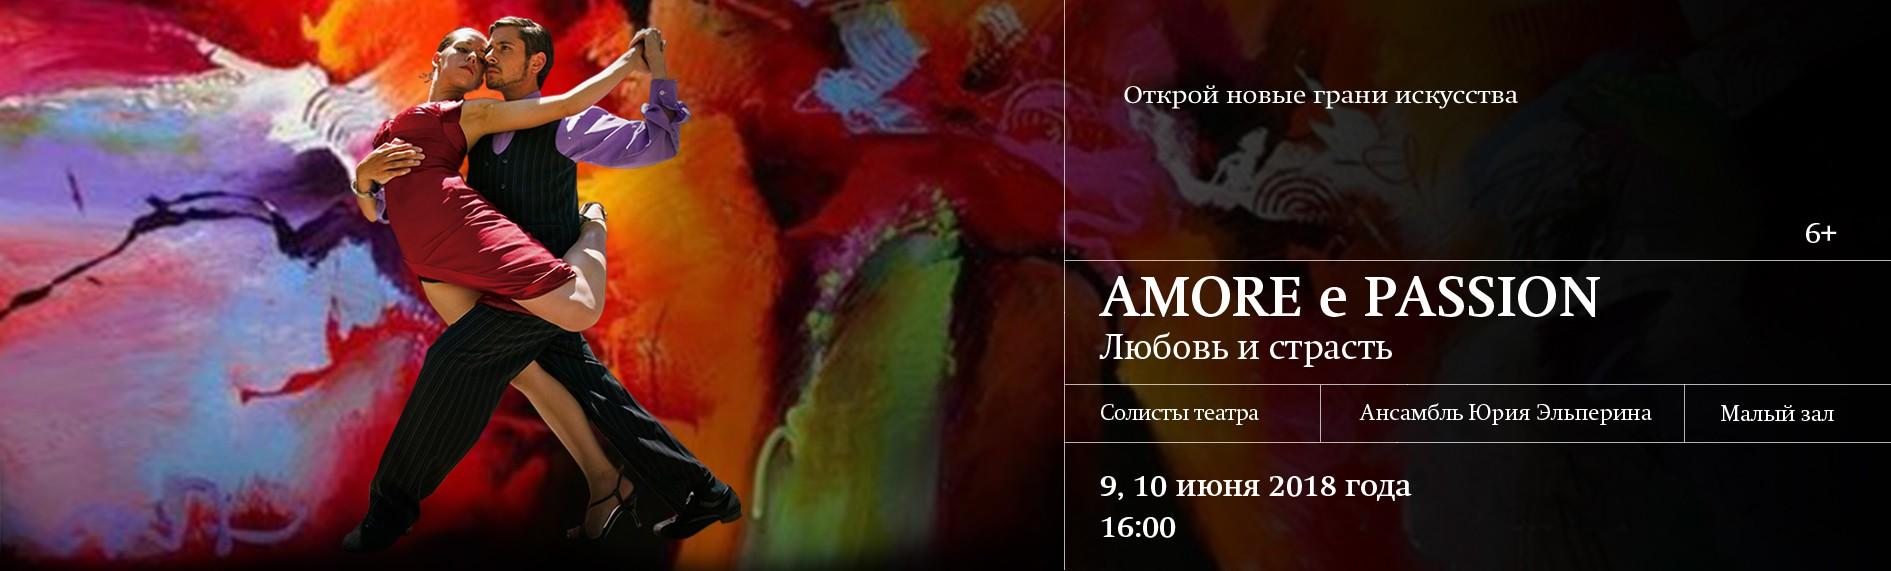 """Концерт """"Amore passion"""""""